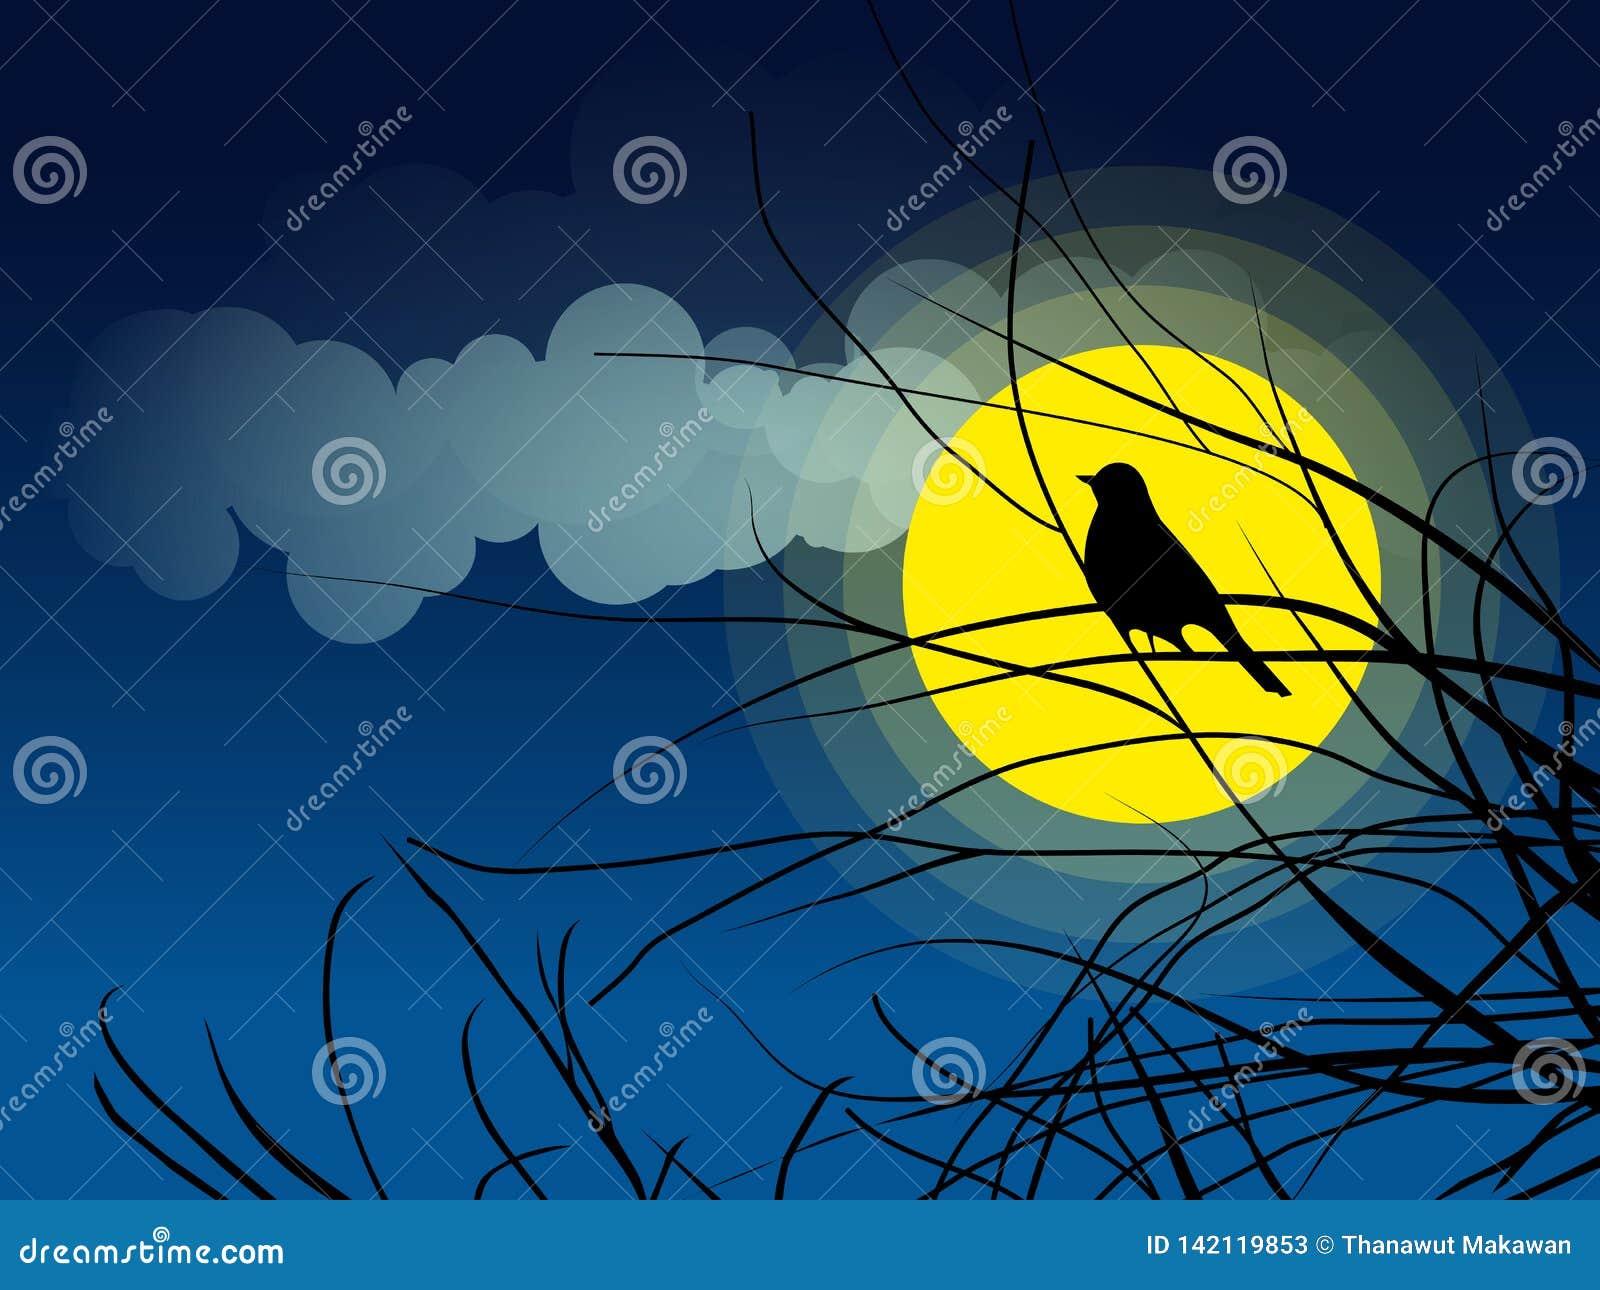 Συνεδρίαση σκιαγραφιών πουλιών σε ένα υπόβαθρο κλάδων δέντρων του σεληνόφωτου